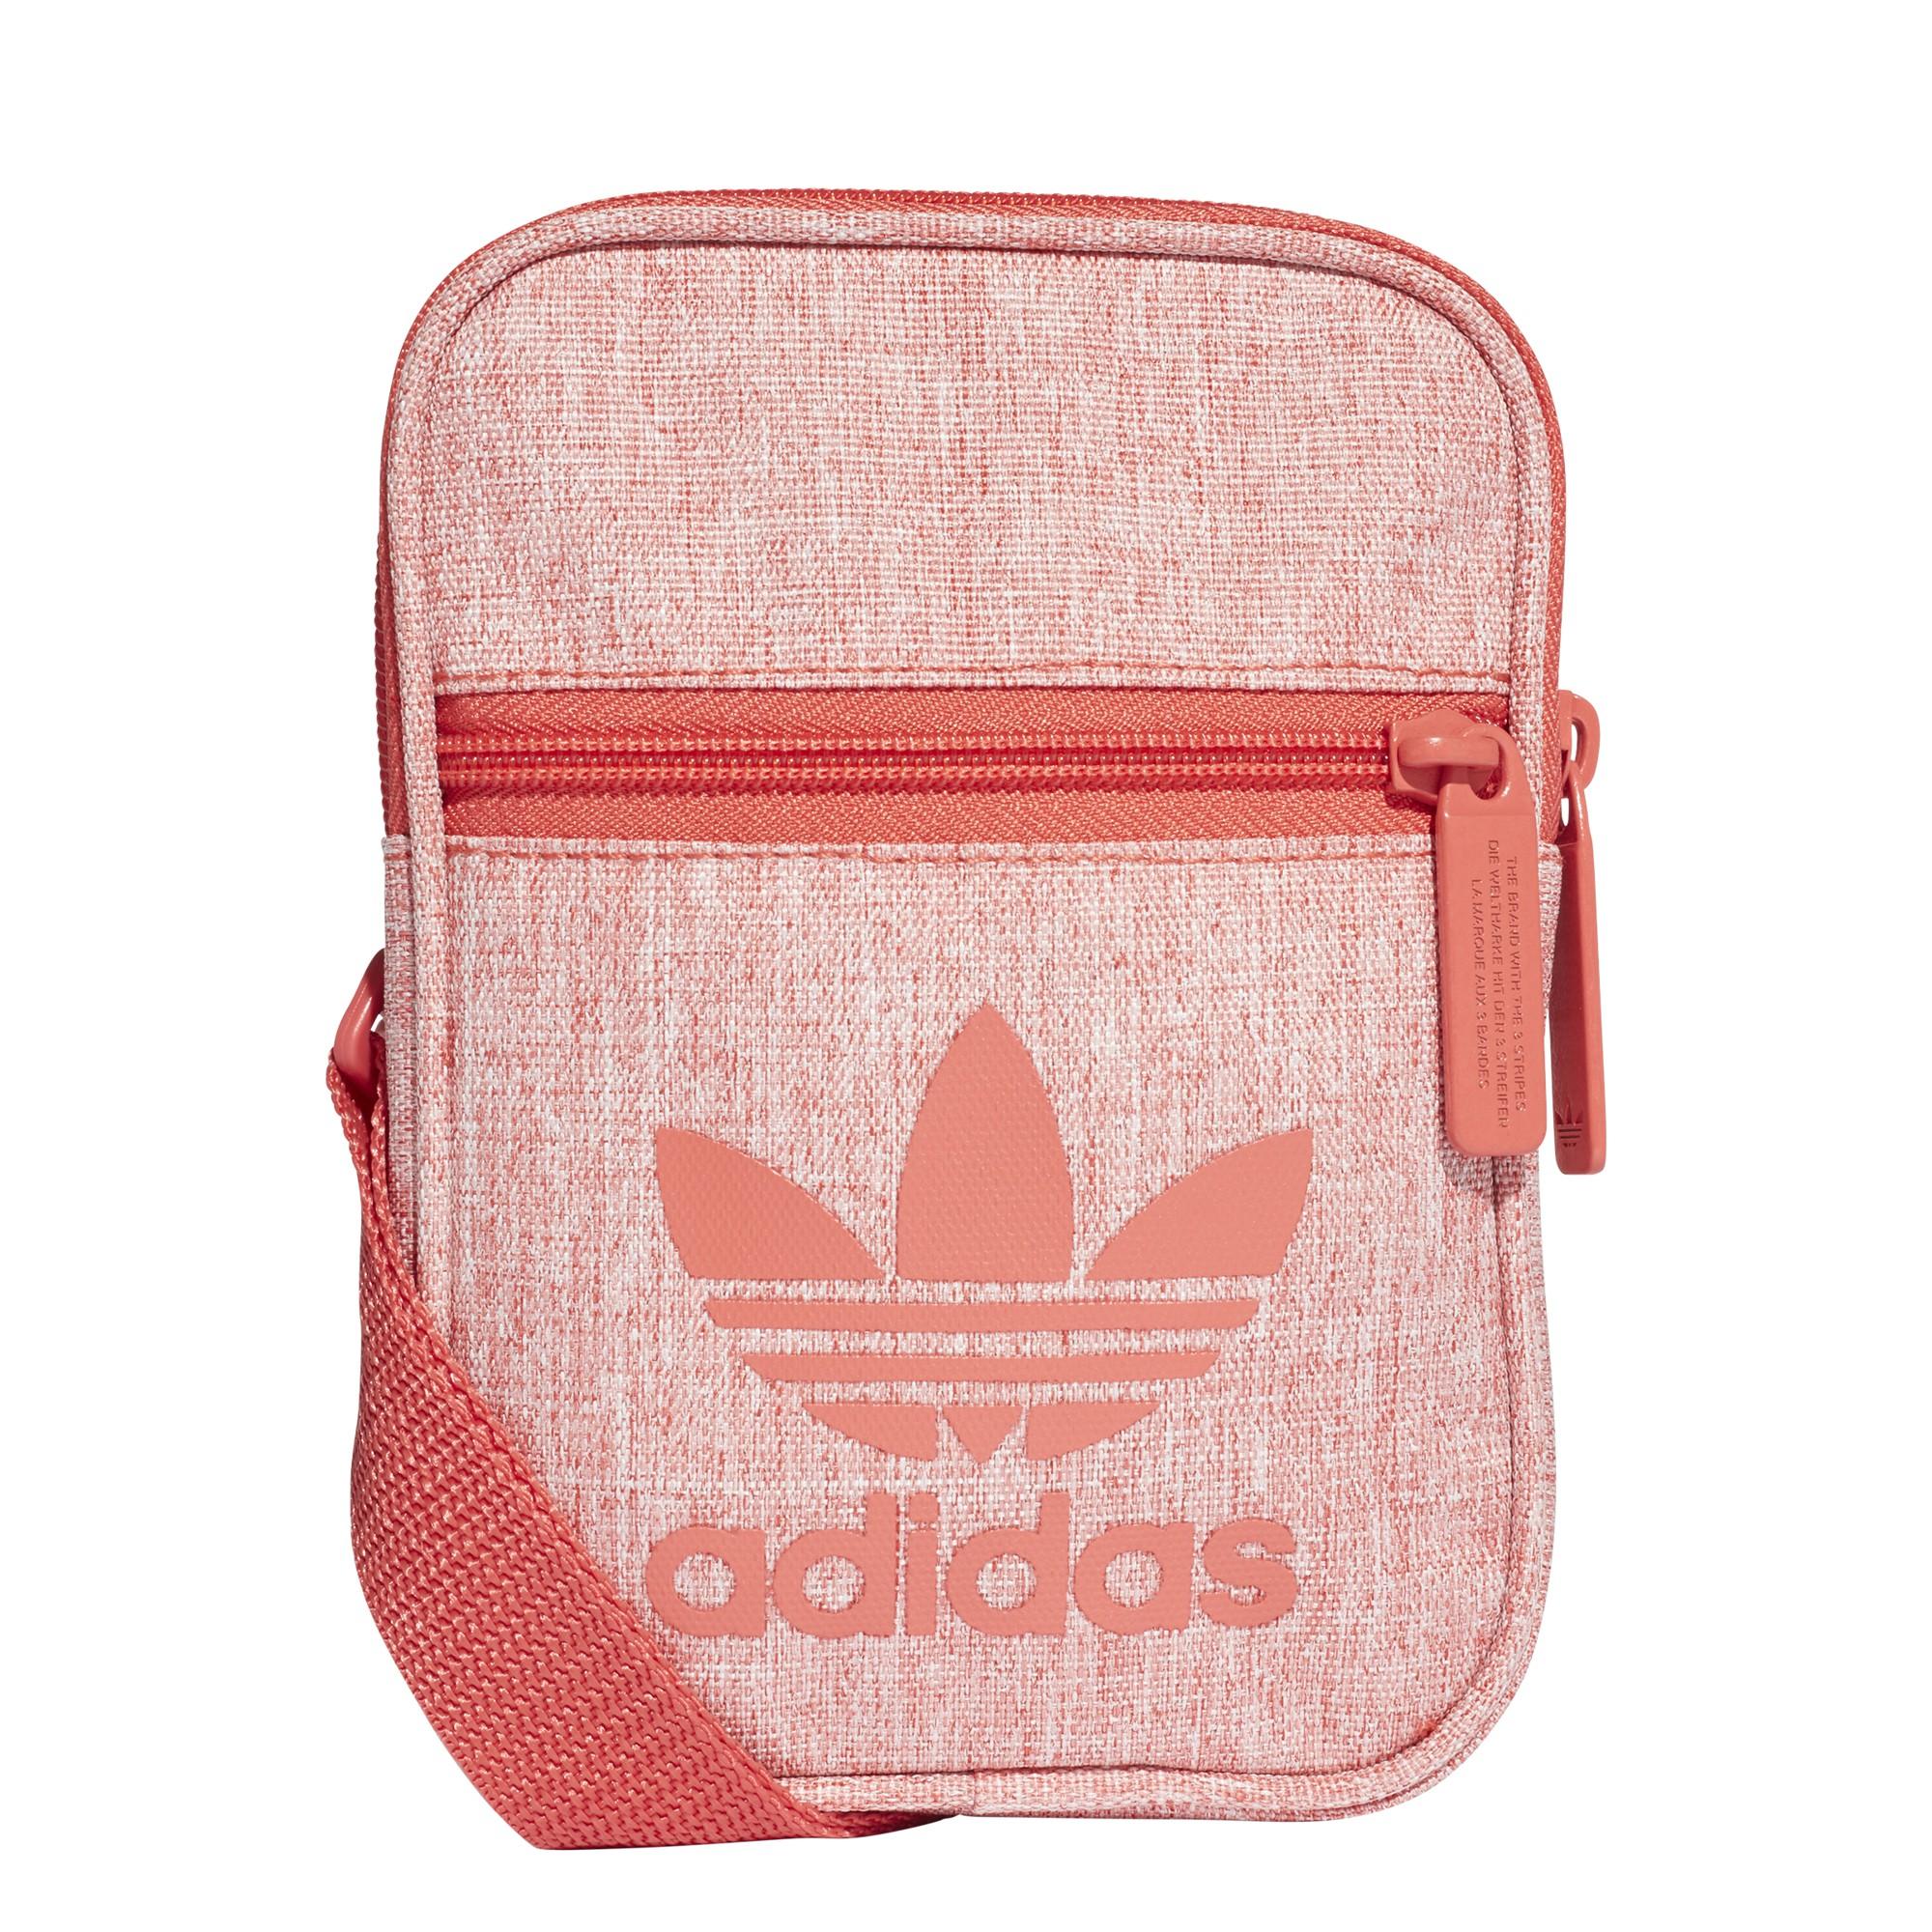 f22025c3f7204 Comprar Bolso Adidas Fest Casual Rosa ¡Oferta! - Deportes Moya